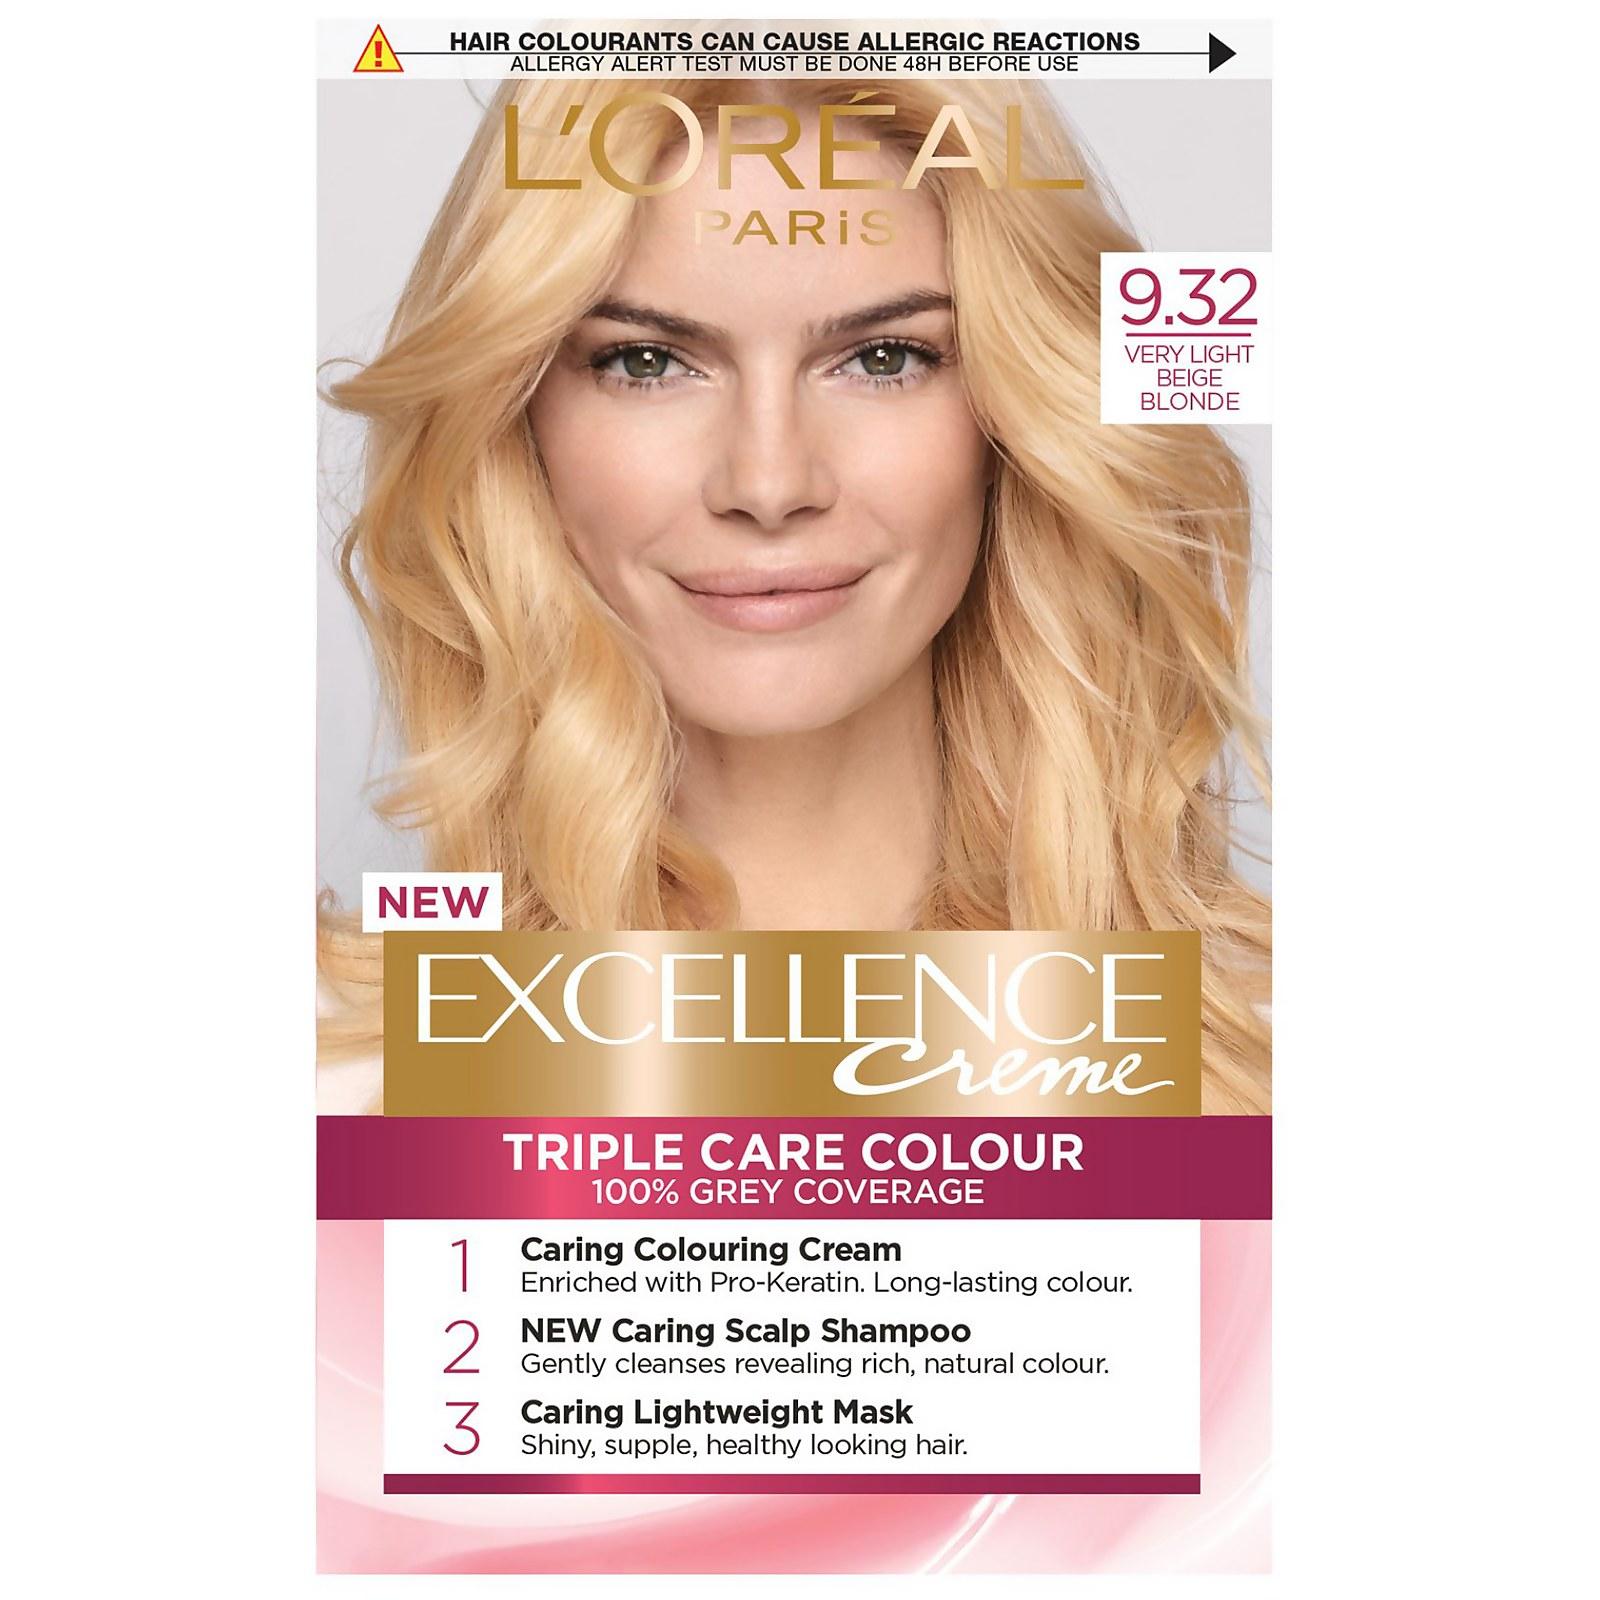 L'Oréal Paris Excellence Crème Permanent Hair Dye (Various Shades) - 9.32 Very Light Beige Blonde